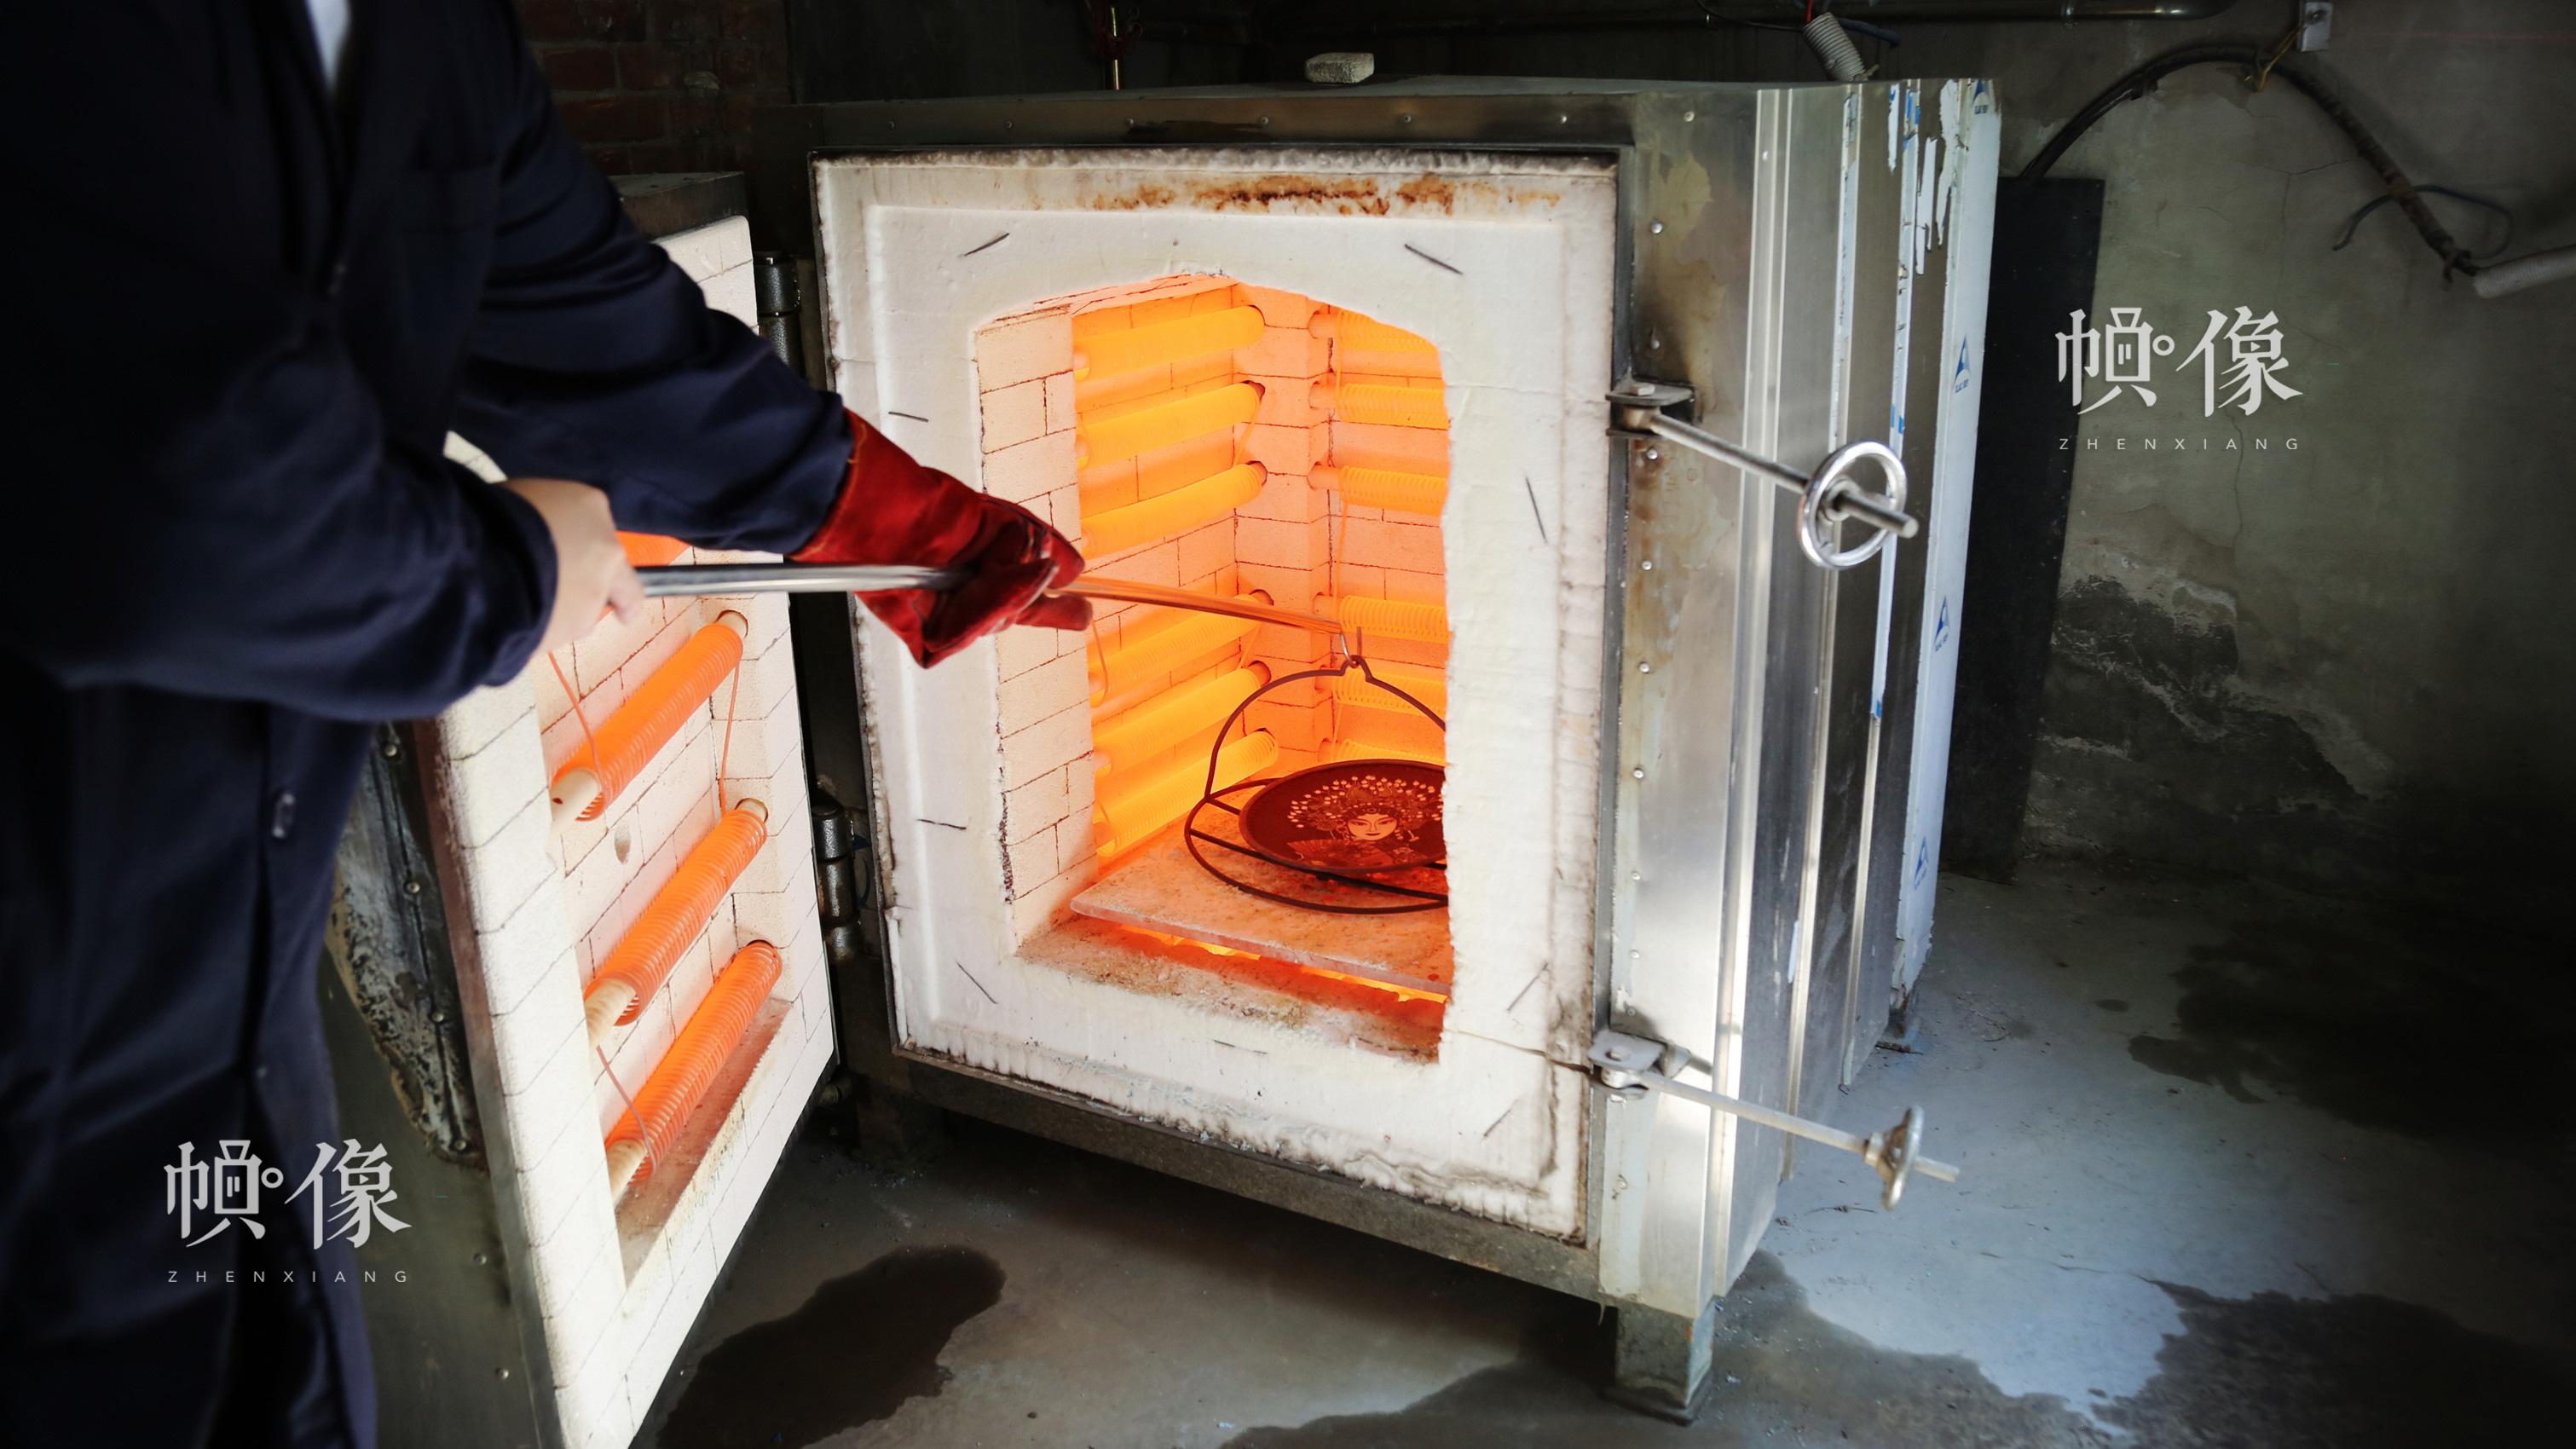 工匠把待烧的铜胚放到高温达800多度的电火炉中烧制。中国网记者 赵超 摄